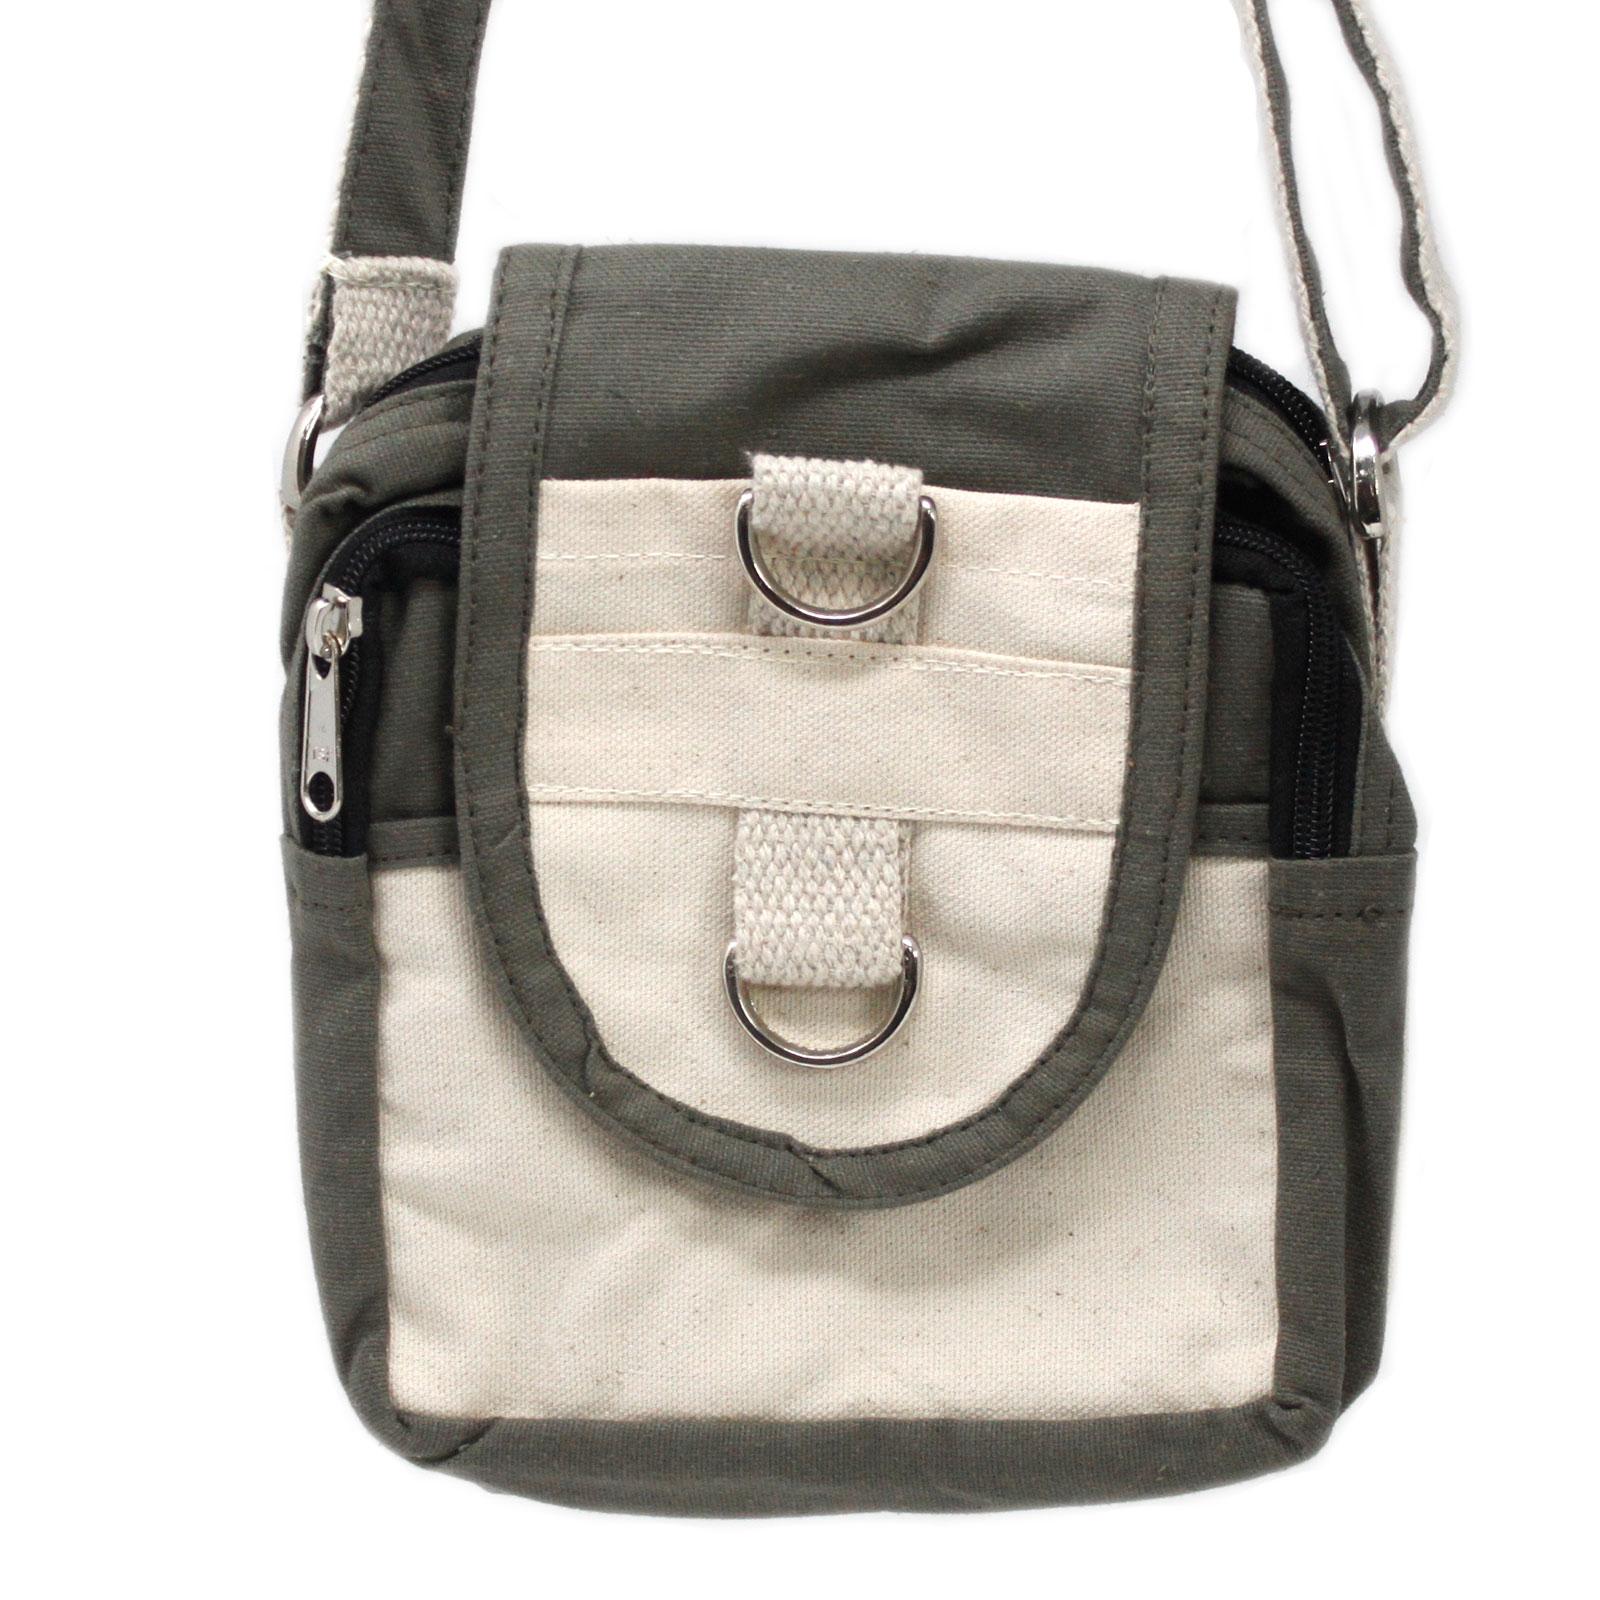 Natural Travel Bag Charcoal